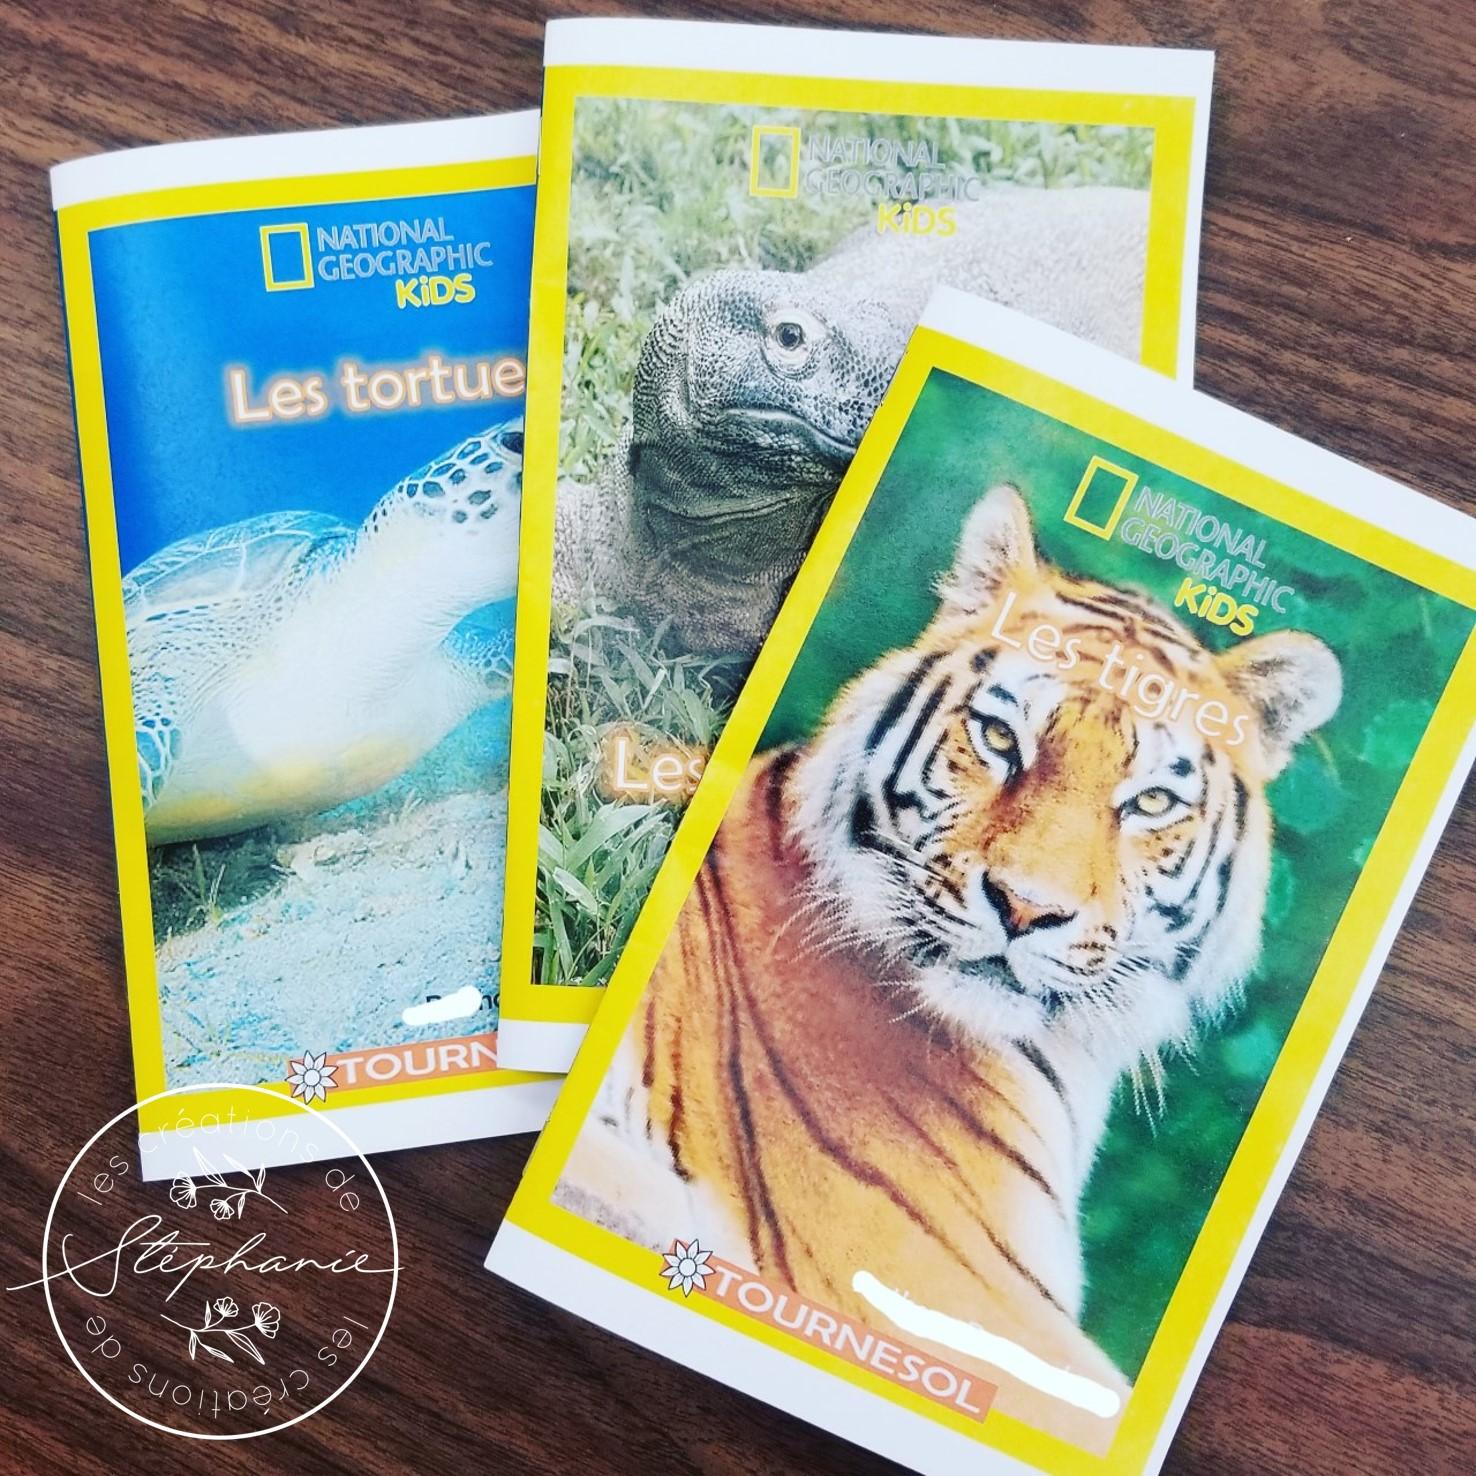 Écrire des livres inspirés de la collection Premières lectures de National Geographic Kids